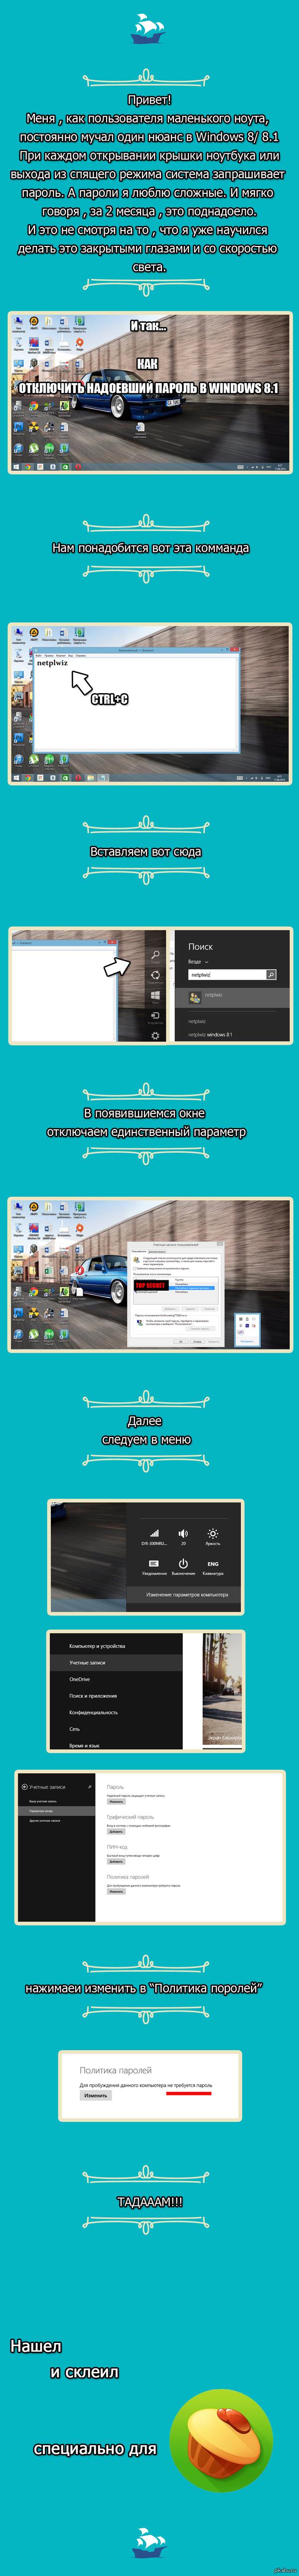 Как убрать пароль на windows 8.1 Сам постоянно использую ноут на 8.1 , пароль мягко говоря надоел. Ввожу его по 15-25 раз в день